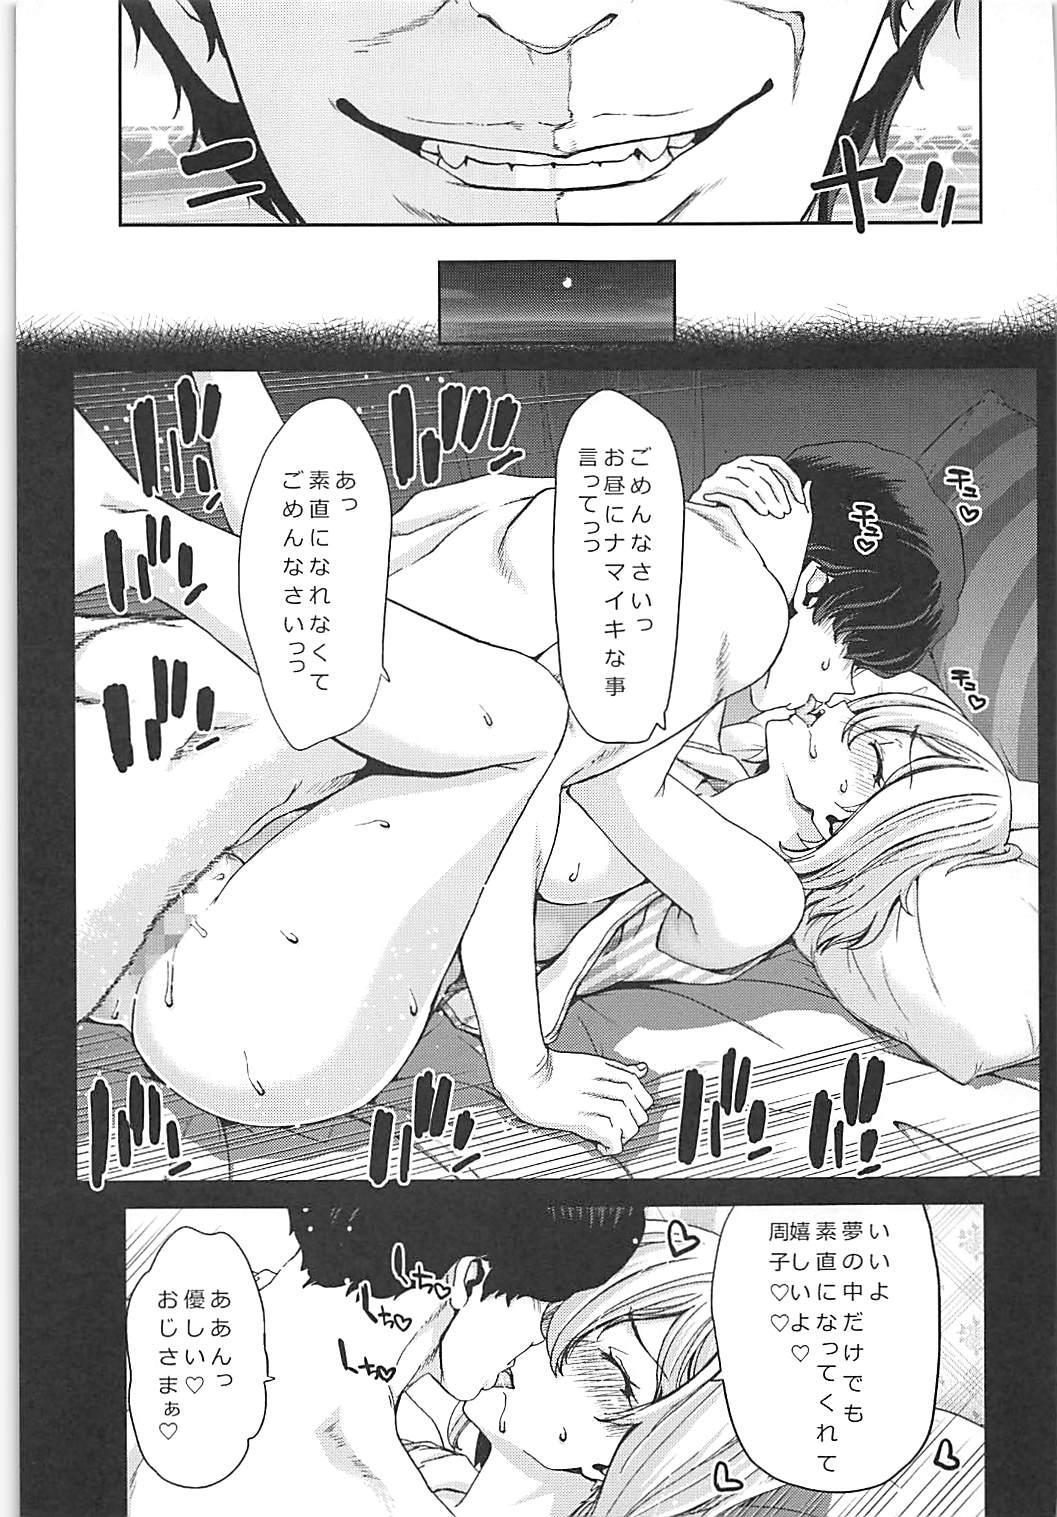 Kanketsu Idol no Egao wa Kimeseku de Kegareteru 5